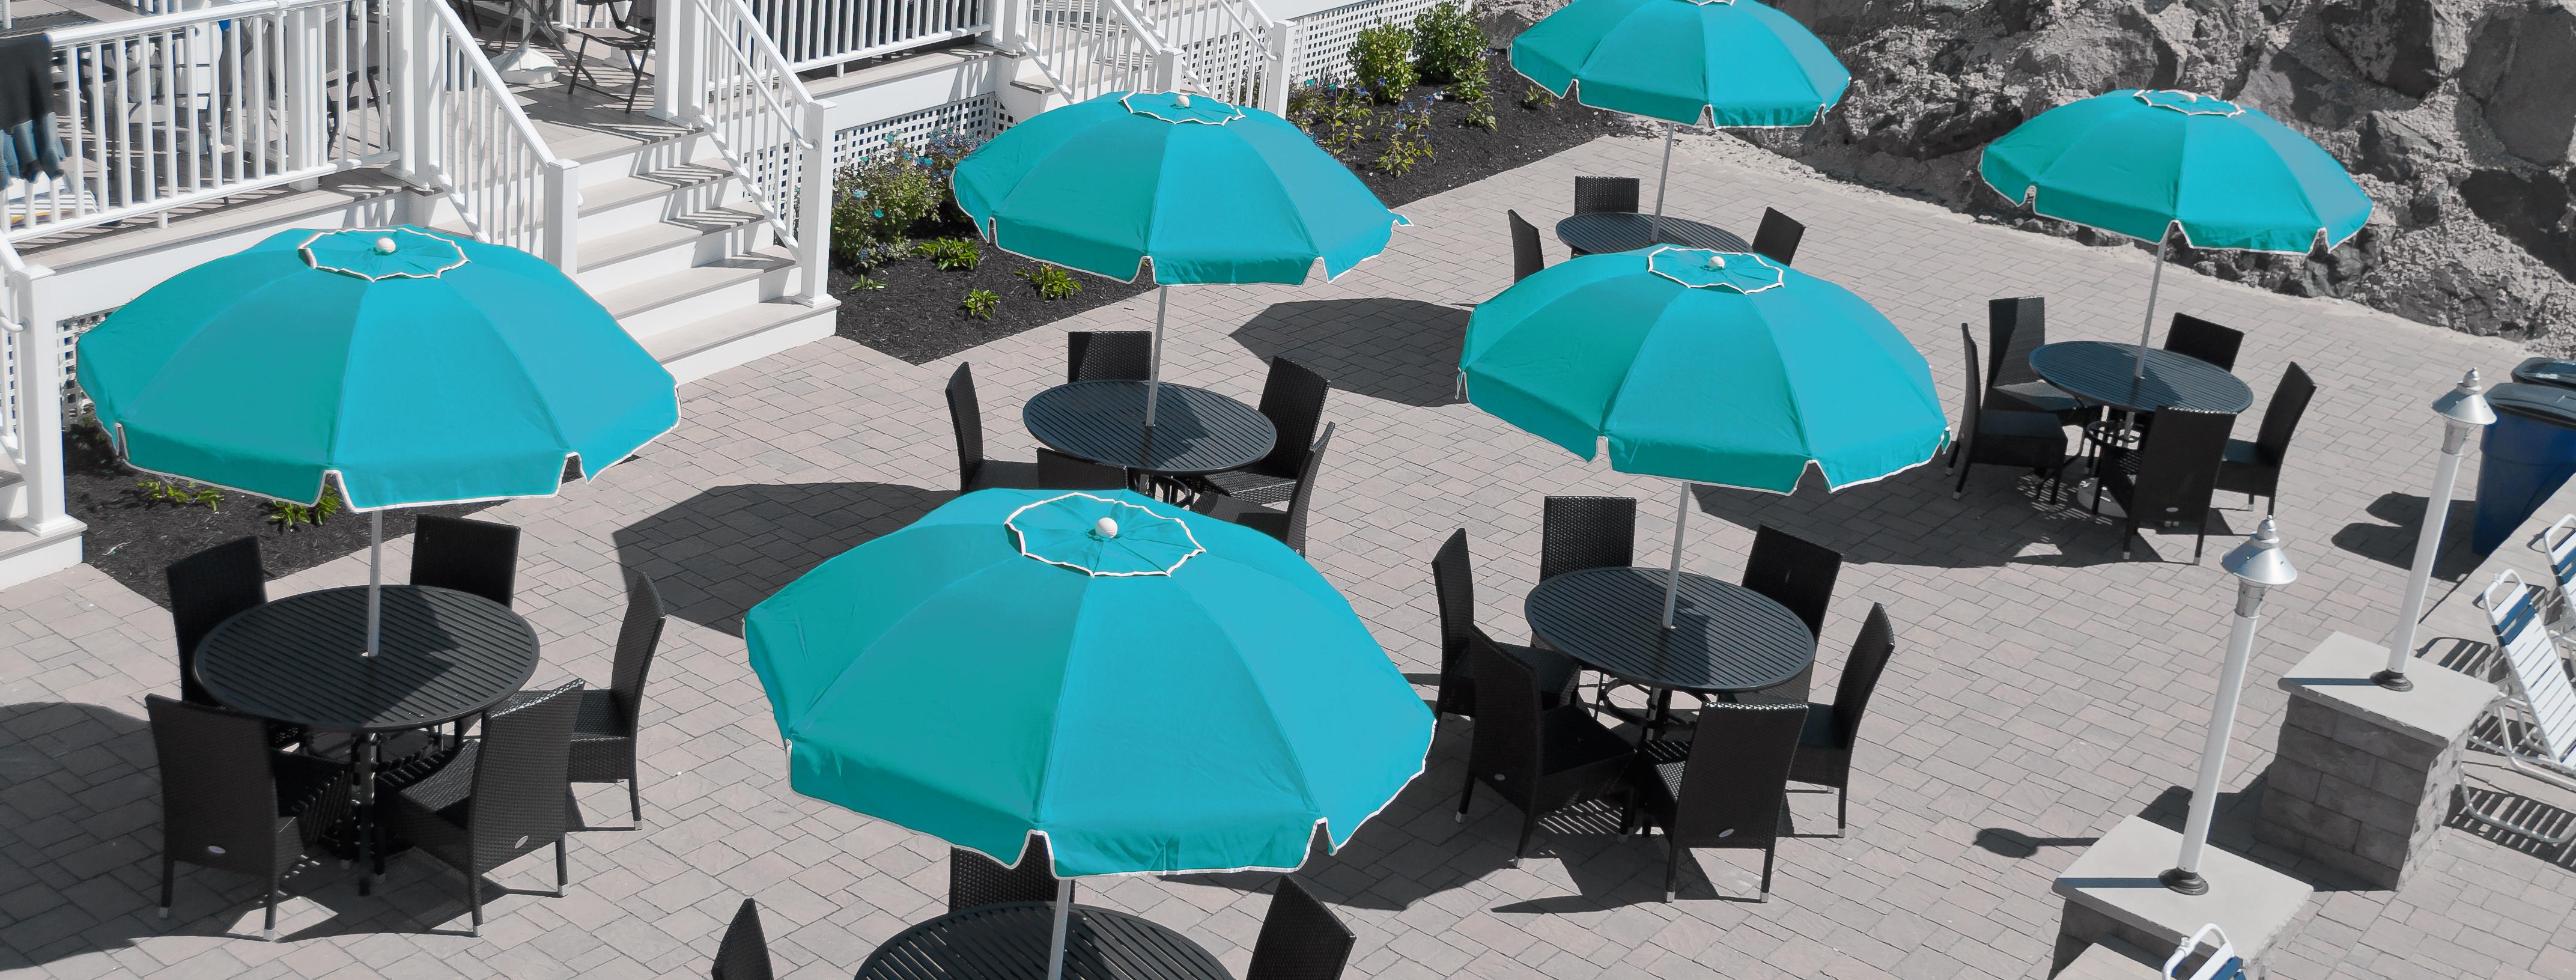 commercial grade patio umbrellas